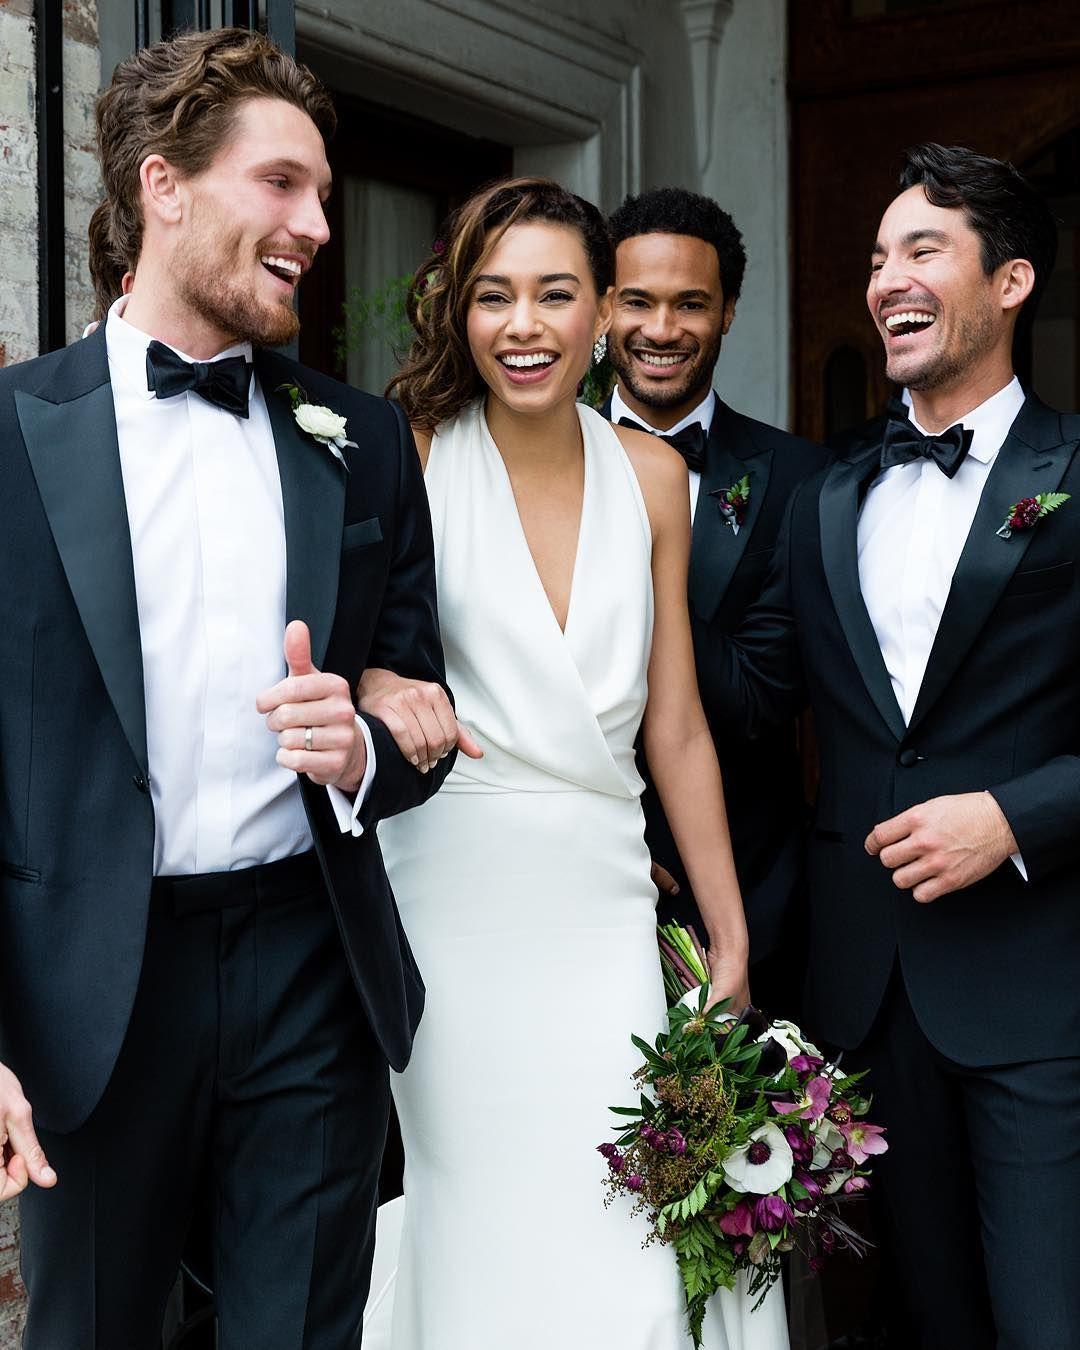 Explore Wedding Tips Attire And More